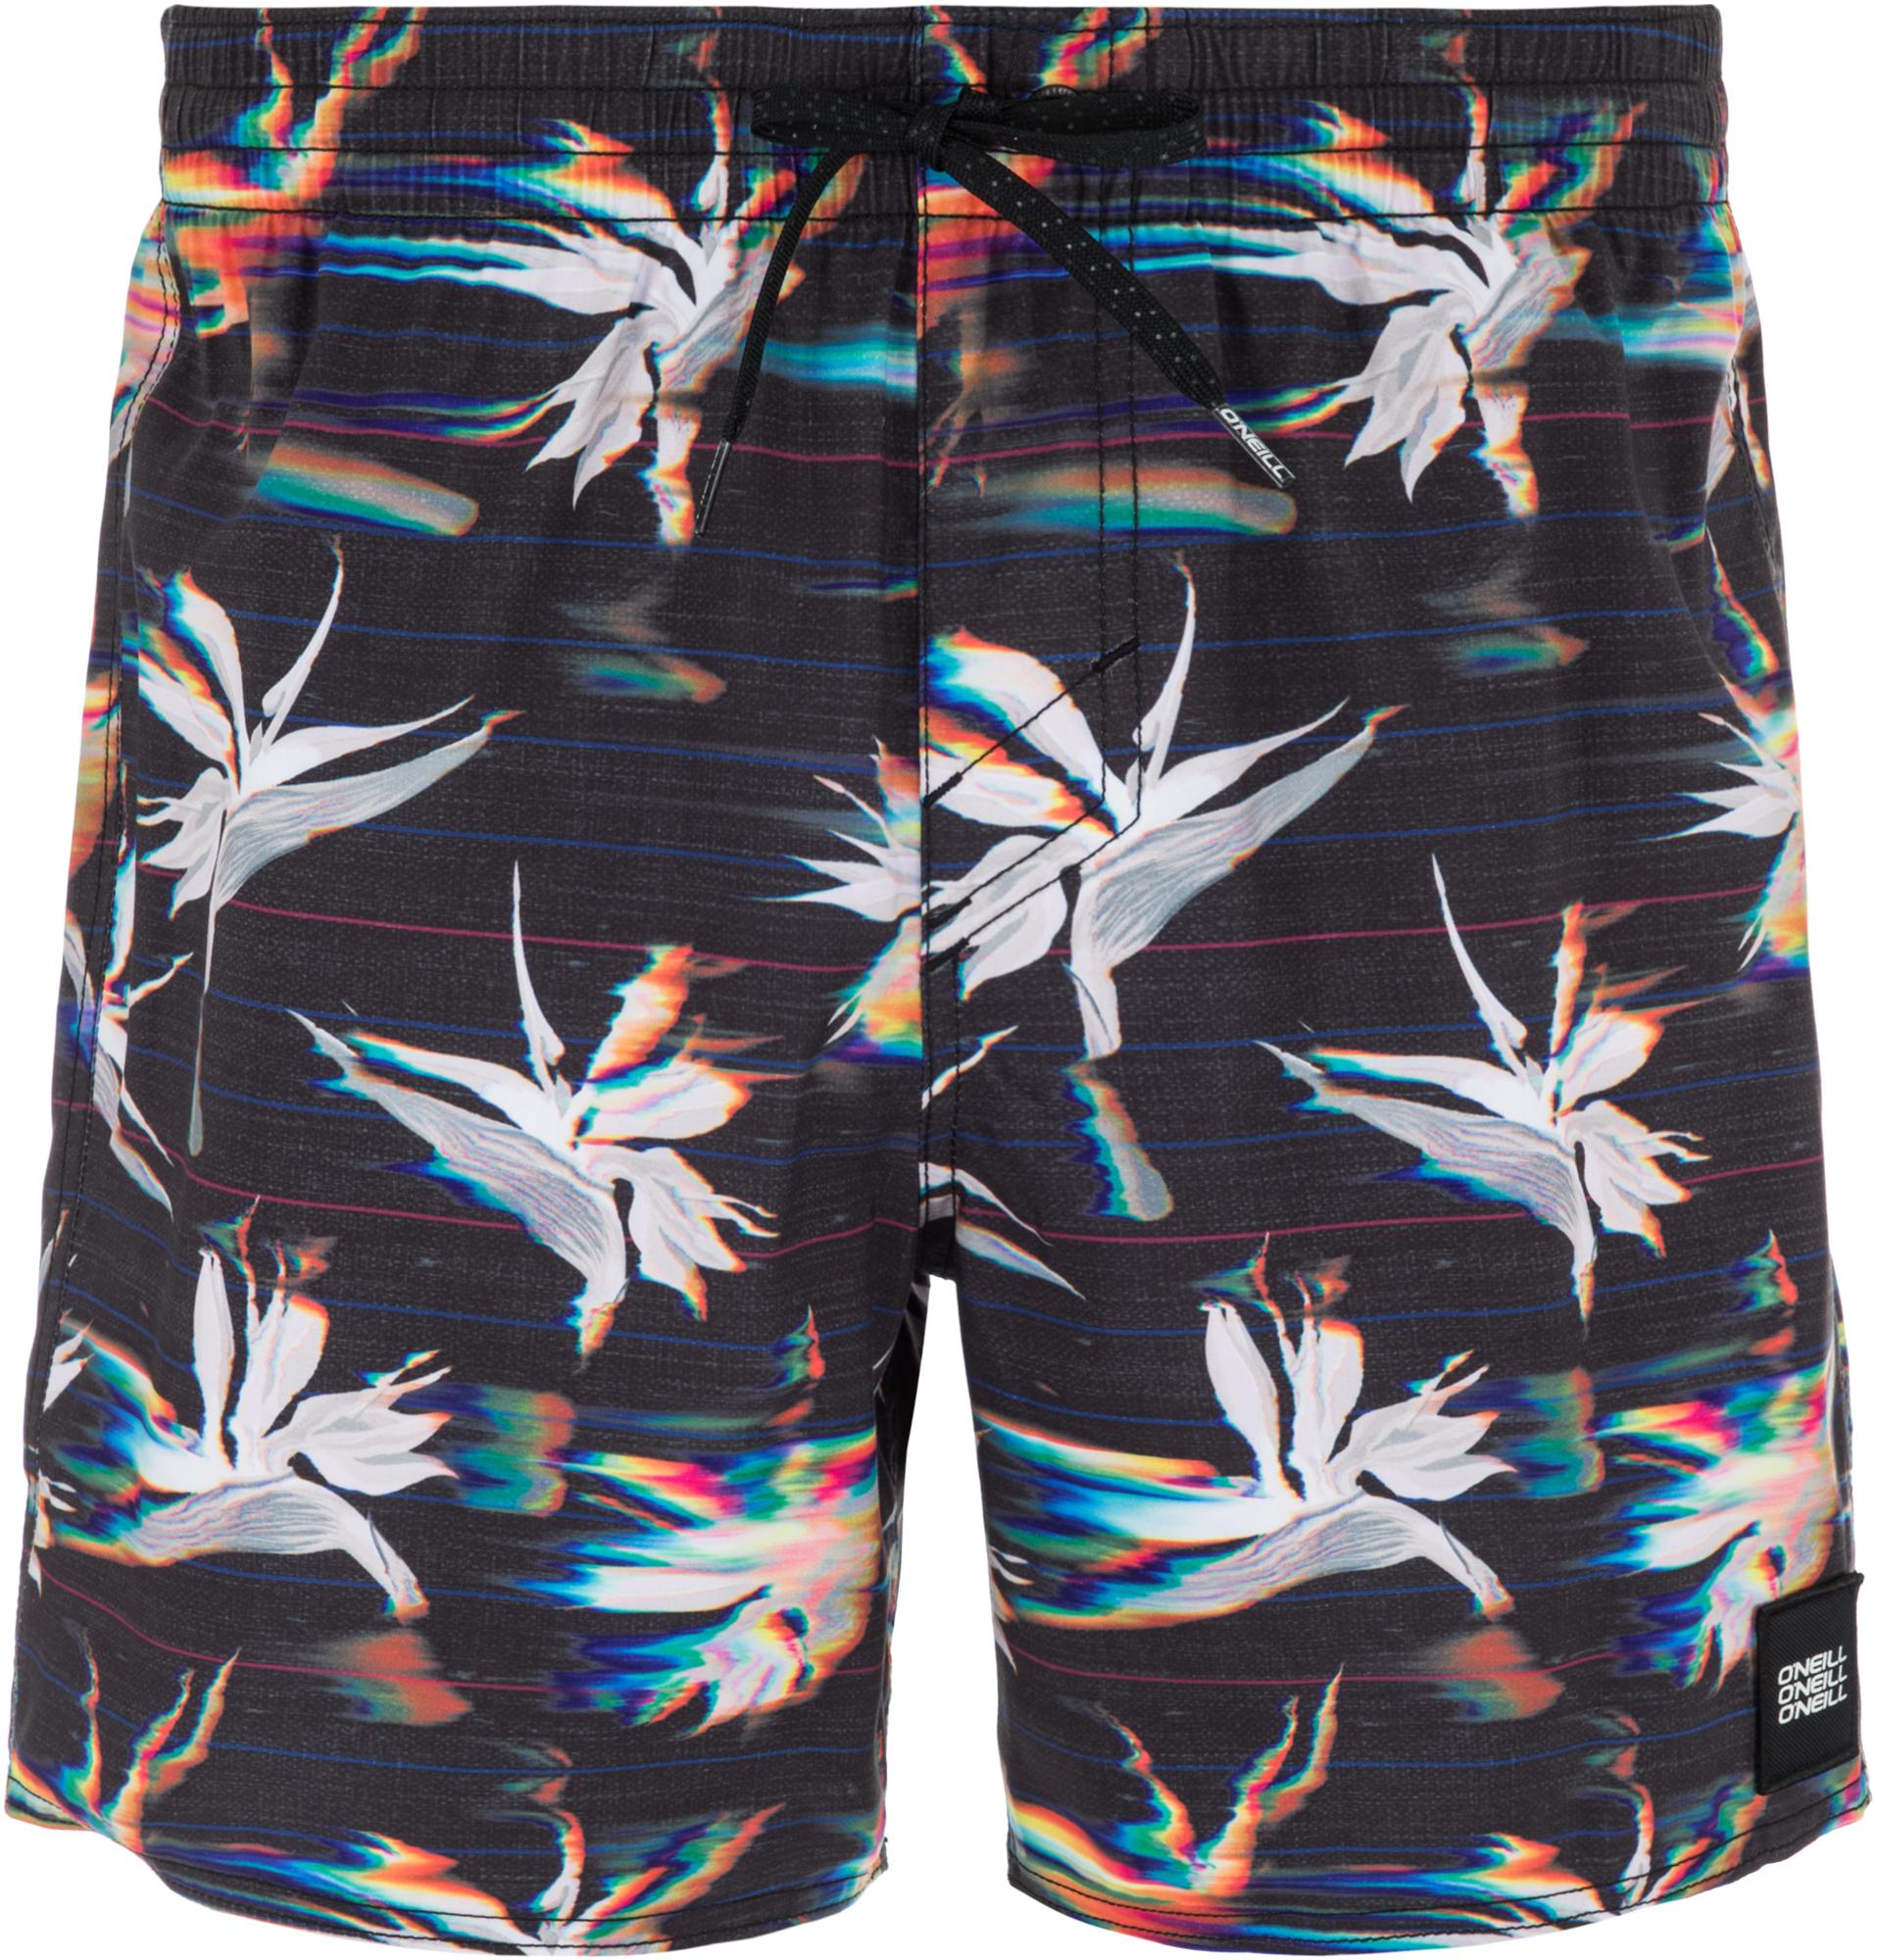 O'Neill Шорты пляжные мужские O'Neill Hm Sunrise, размер 52-54